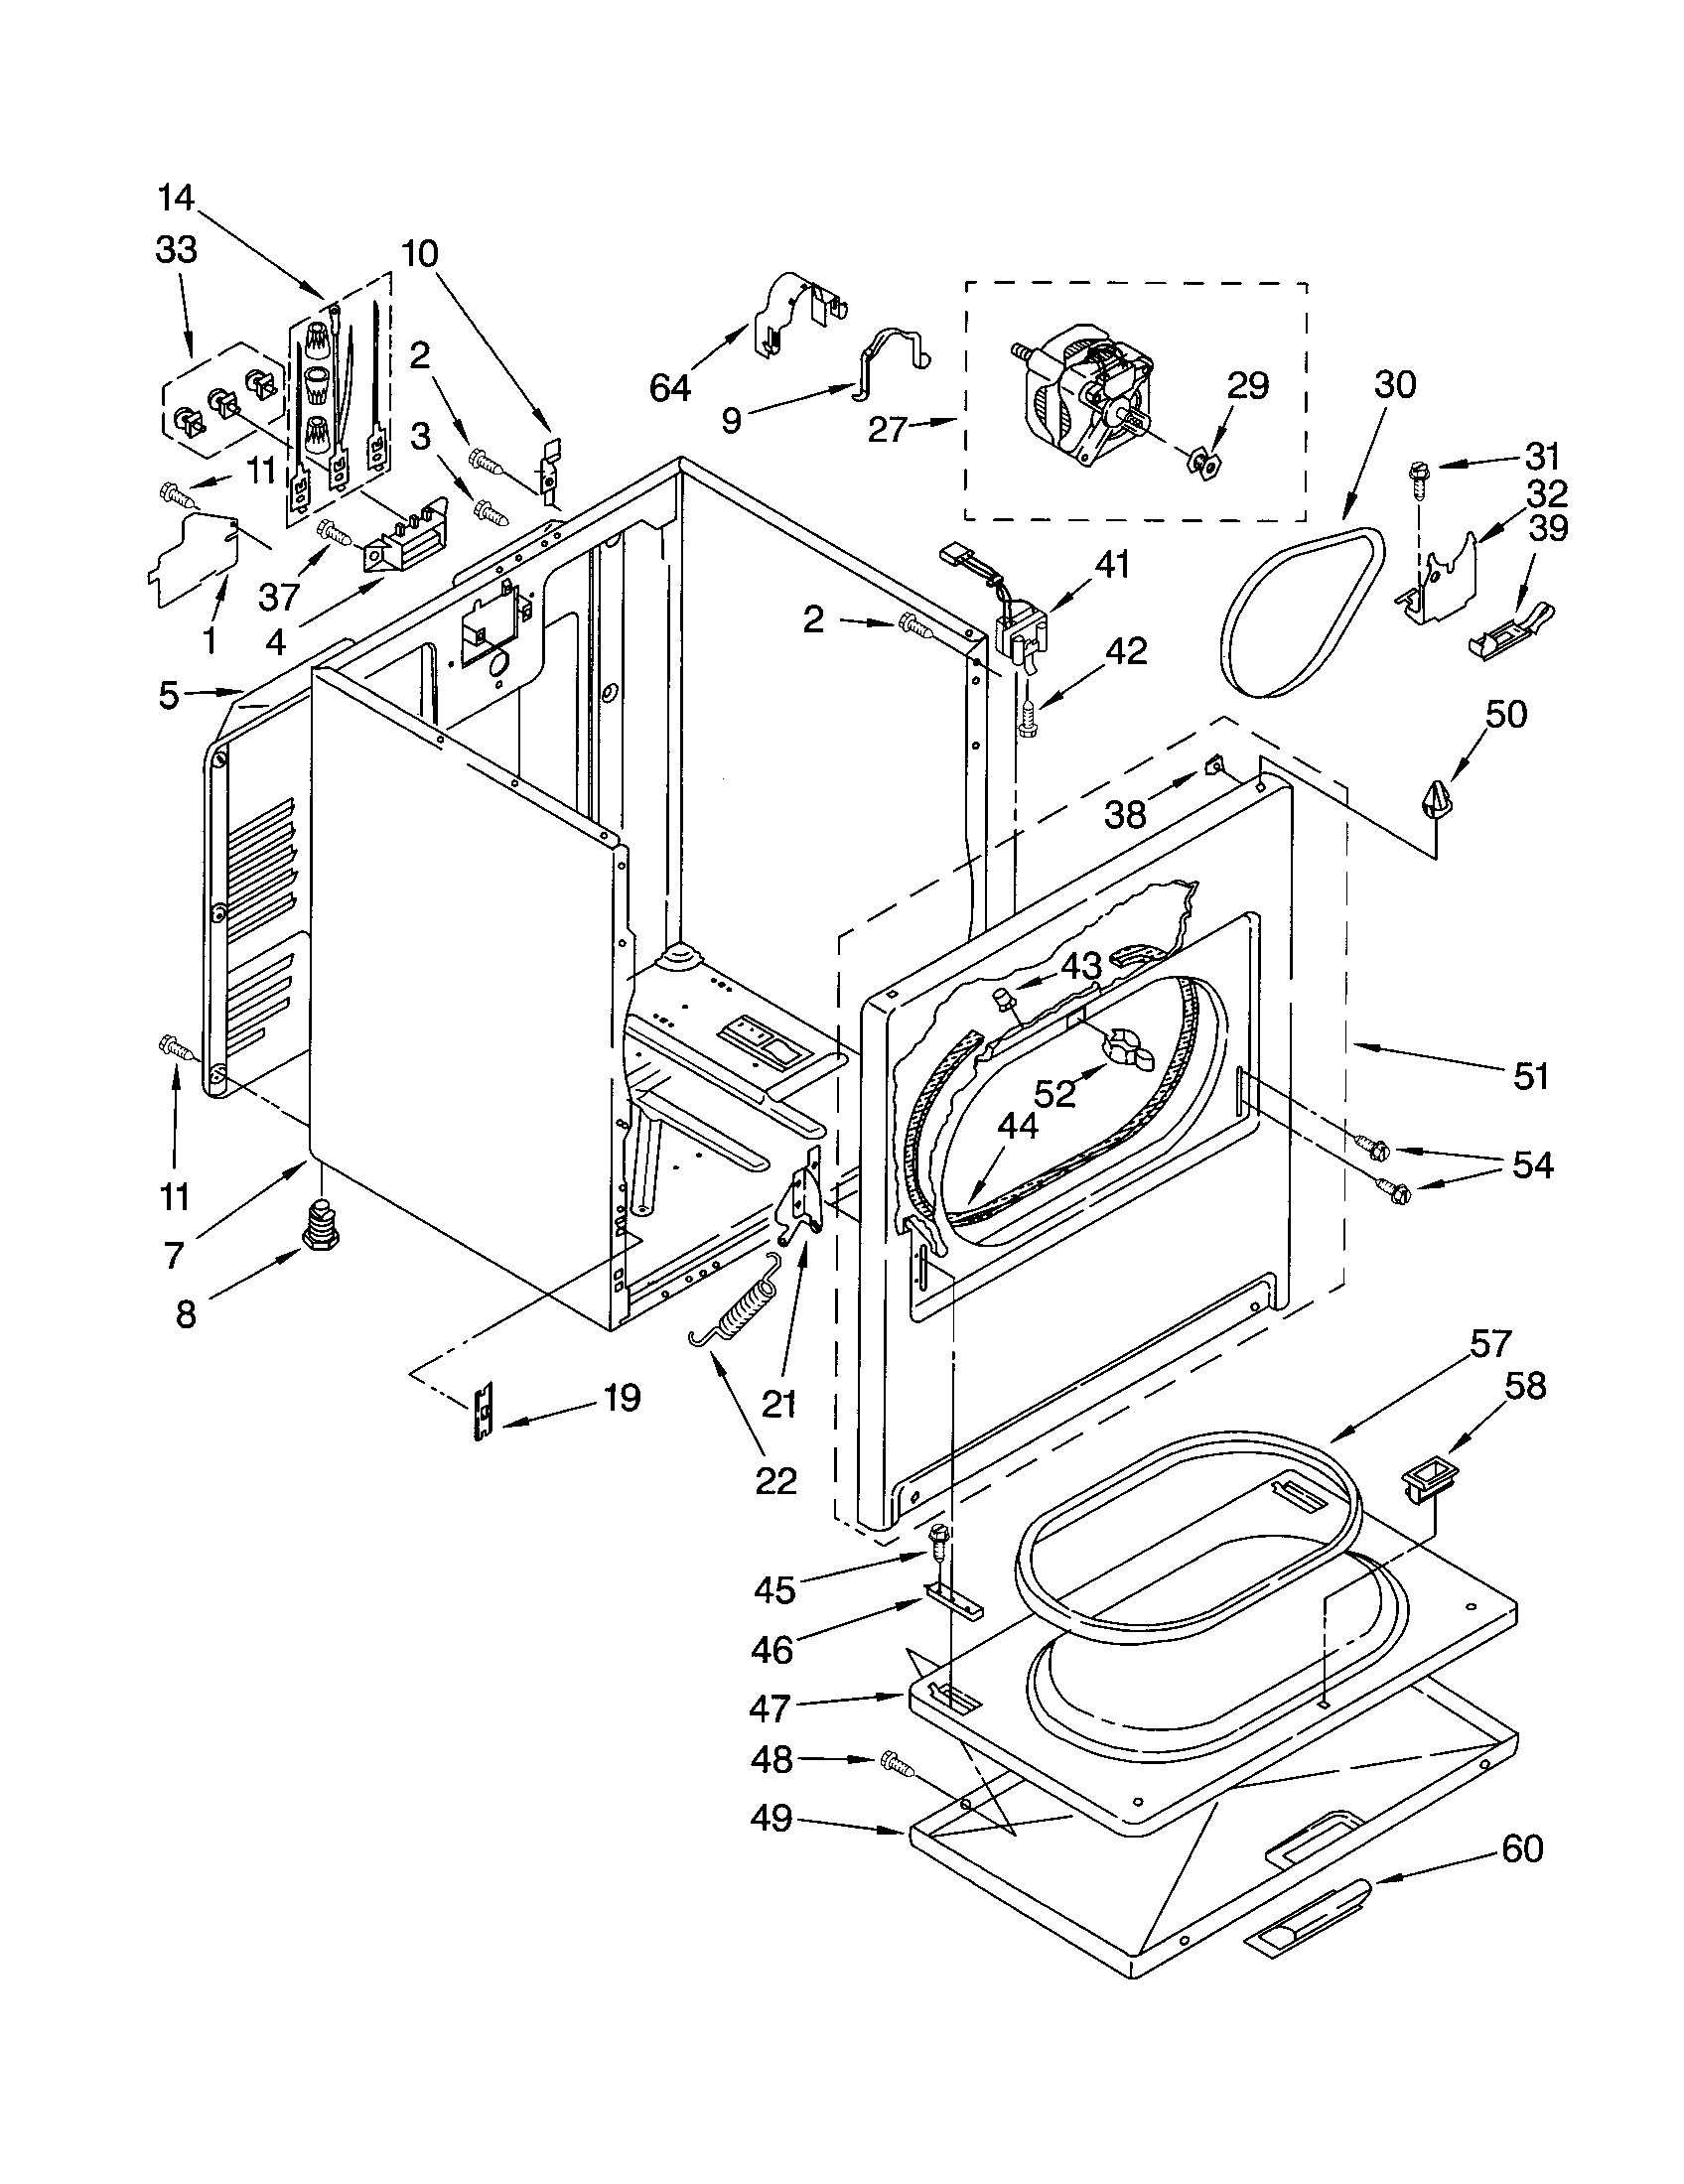 kenmore dishwasher ultra wash plus manual model 110